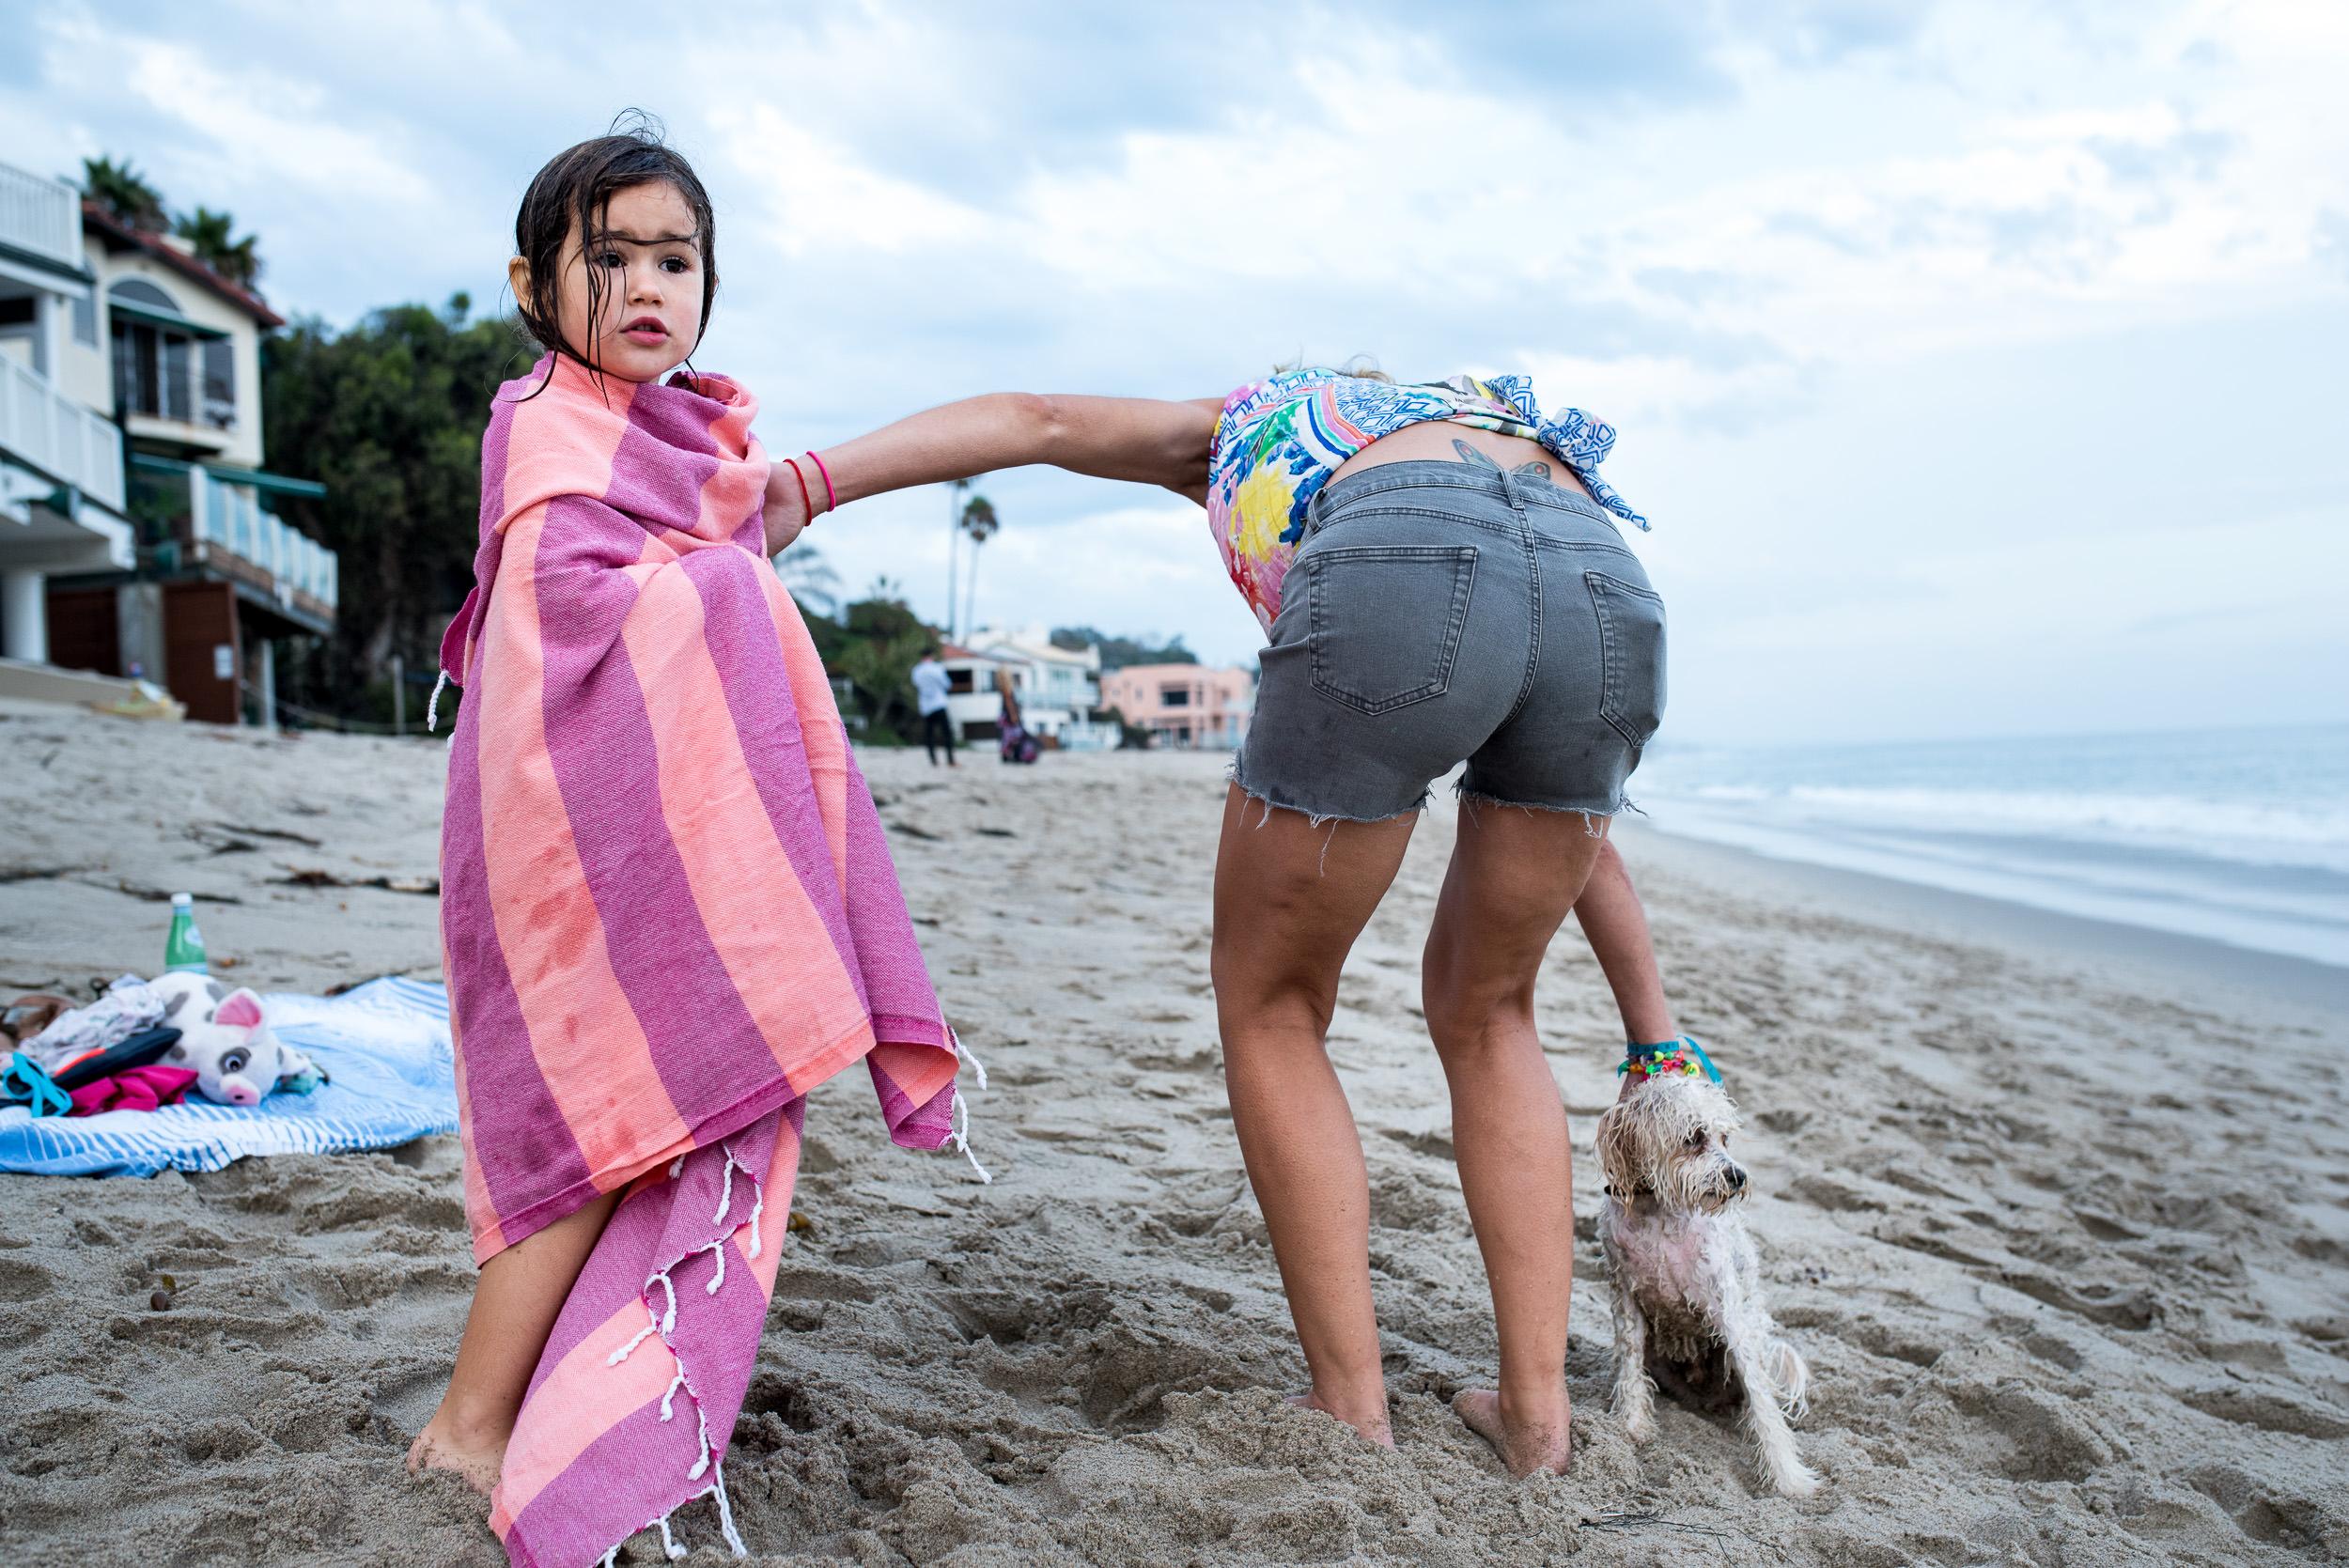 Deborah-Barak-Documentary-Family-Photography-Brooklyn_NYC_busy-mom-on-beach.jpg